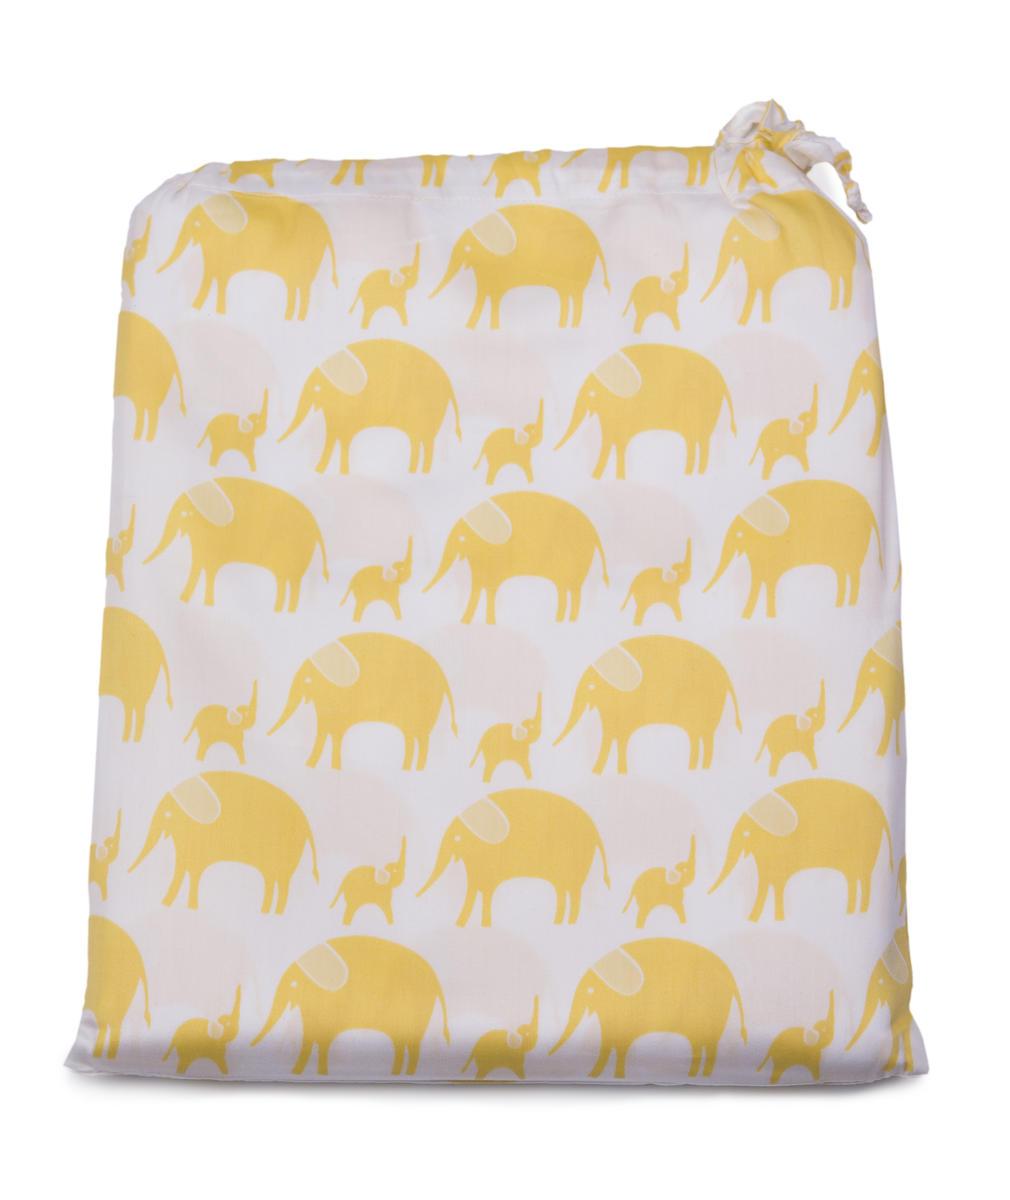 Tierra Verde Povlečení dětské žlutý slon 135×100 + 60×40 cm 1 ks